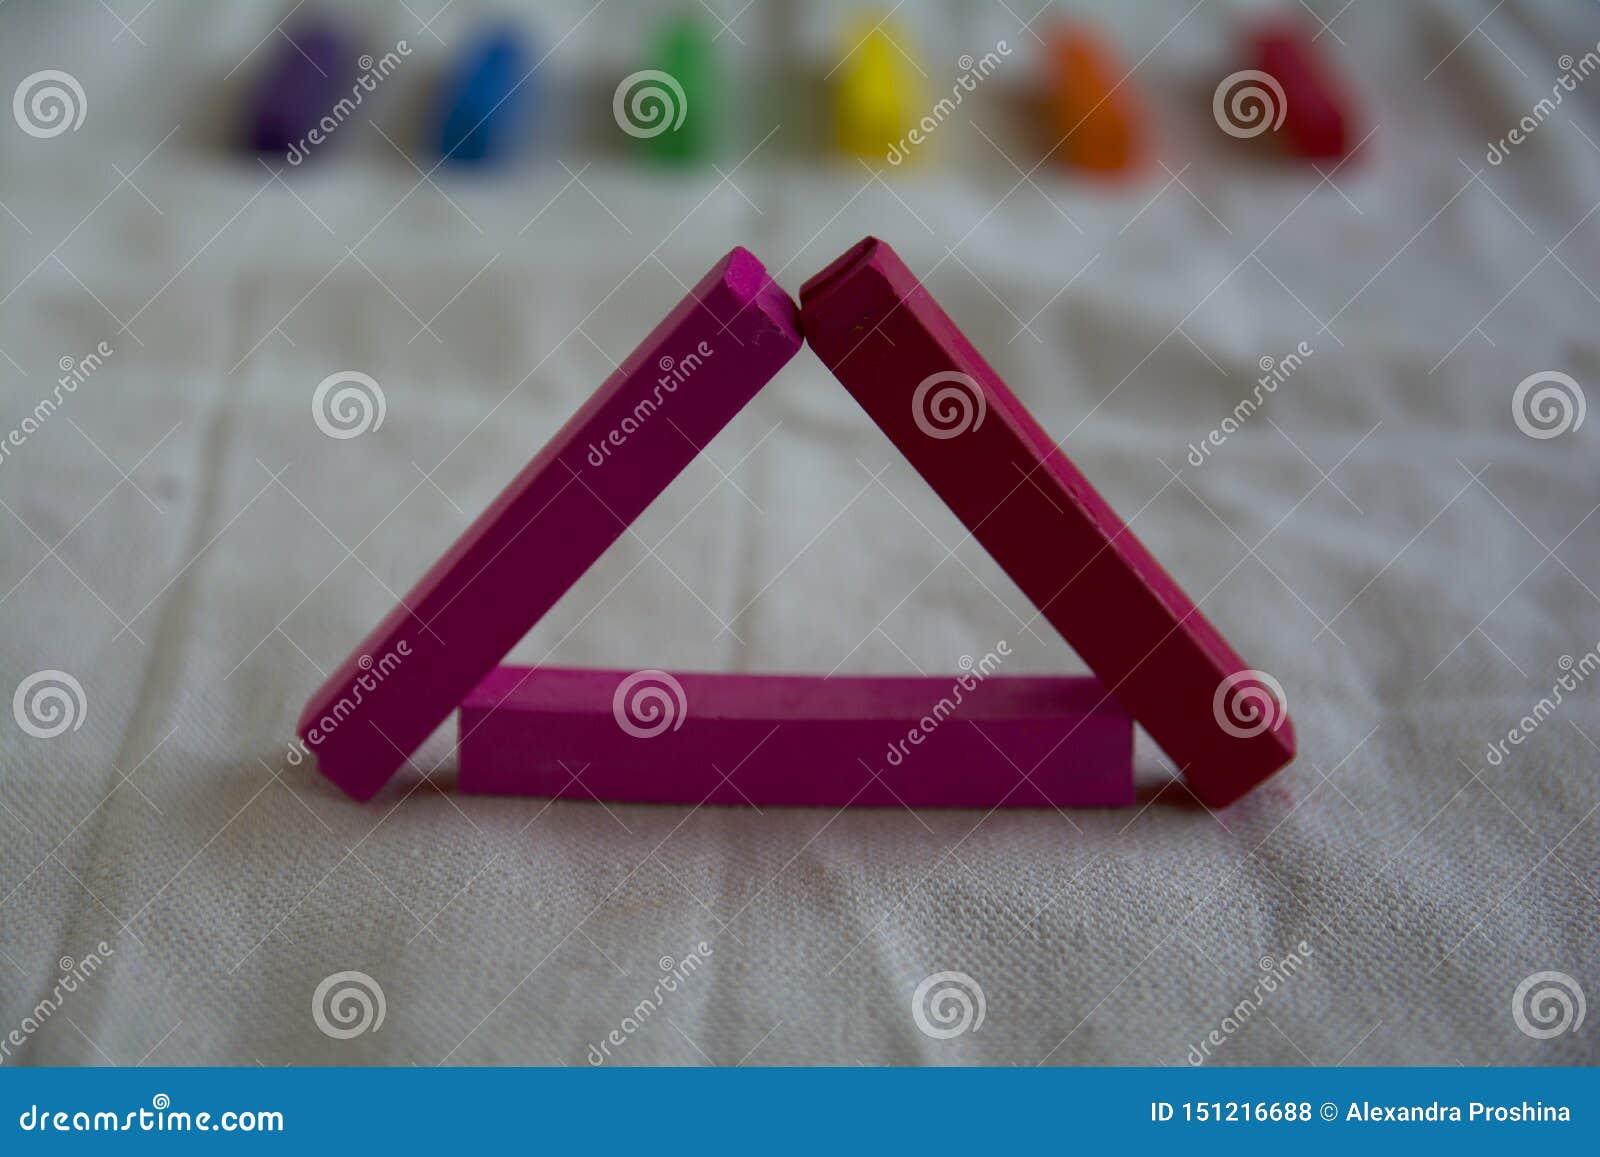 Vage foto voor een achtergrond met een roze driehoek van artistieke pastelkleurstokken en regenboogvlekken LGBT-symbool